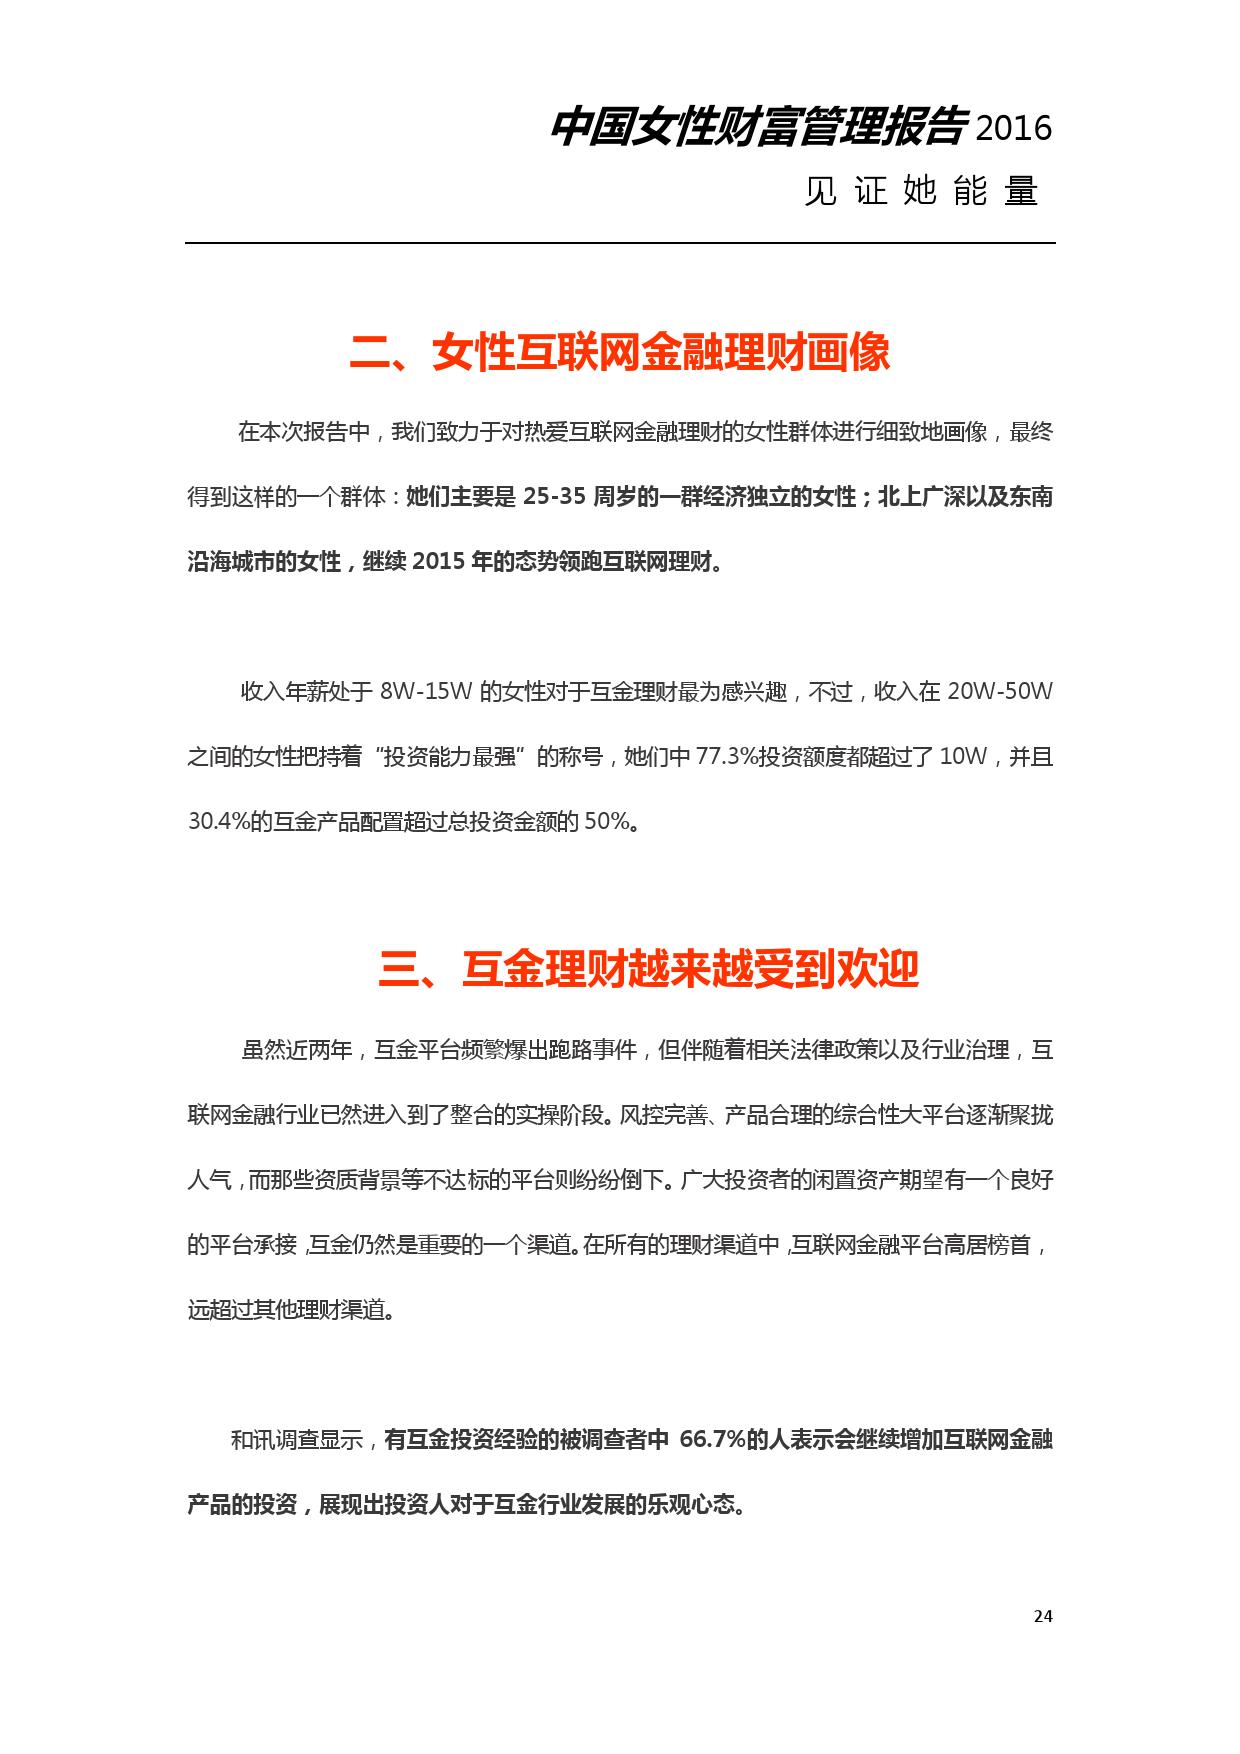 2016年中国女性财富管理报告_000024